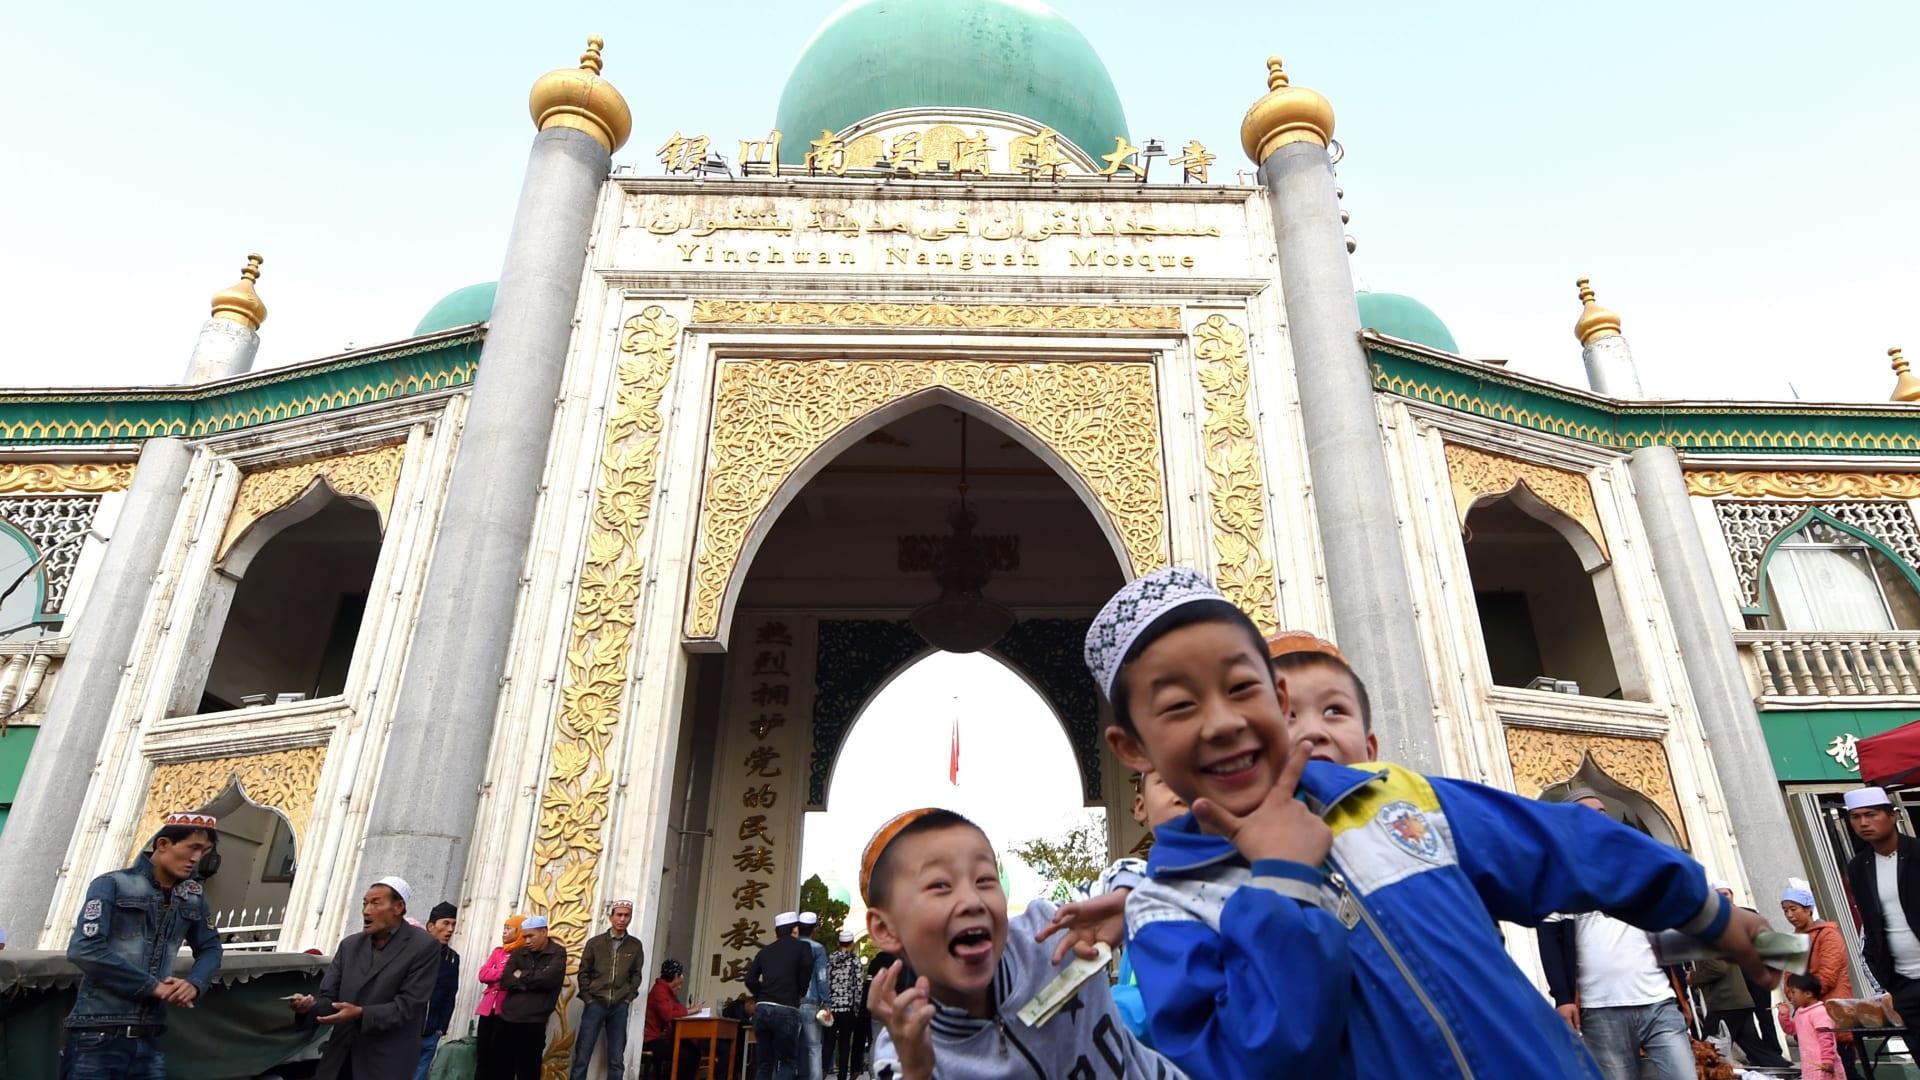 أطفال يبتسمون للكاميرا بعد أدائهم صلاة العيد في الصين